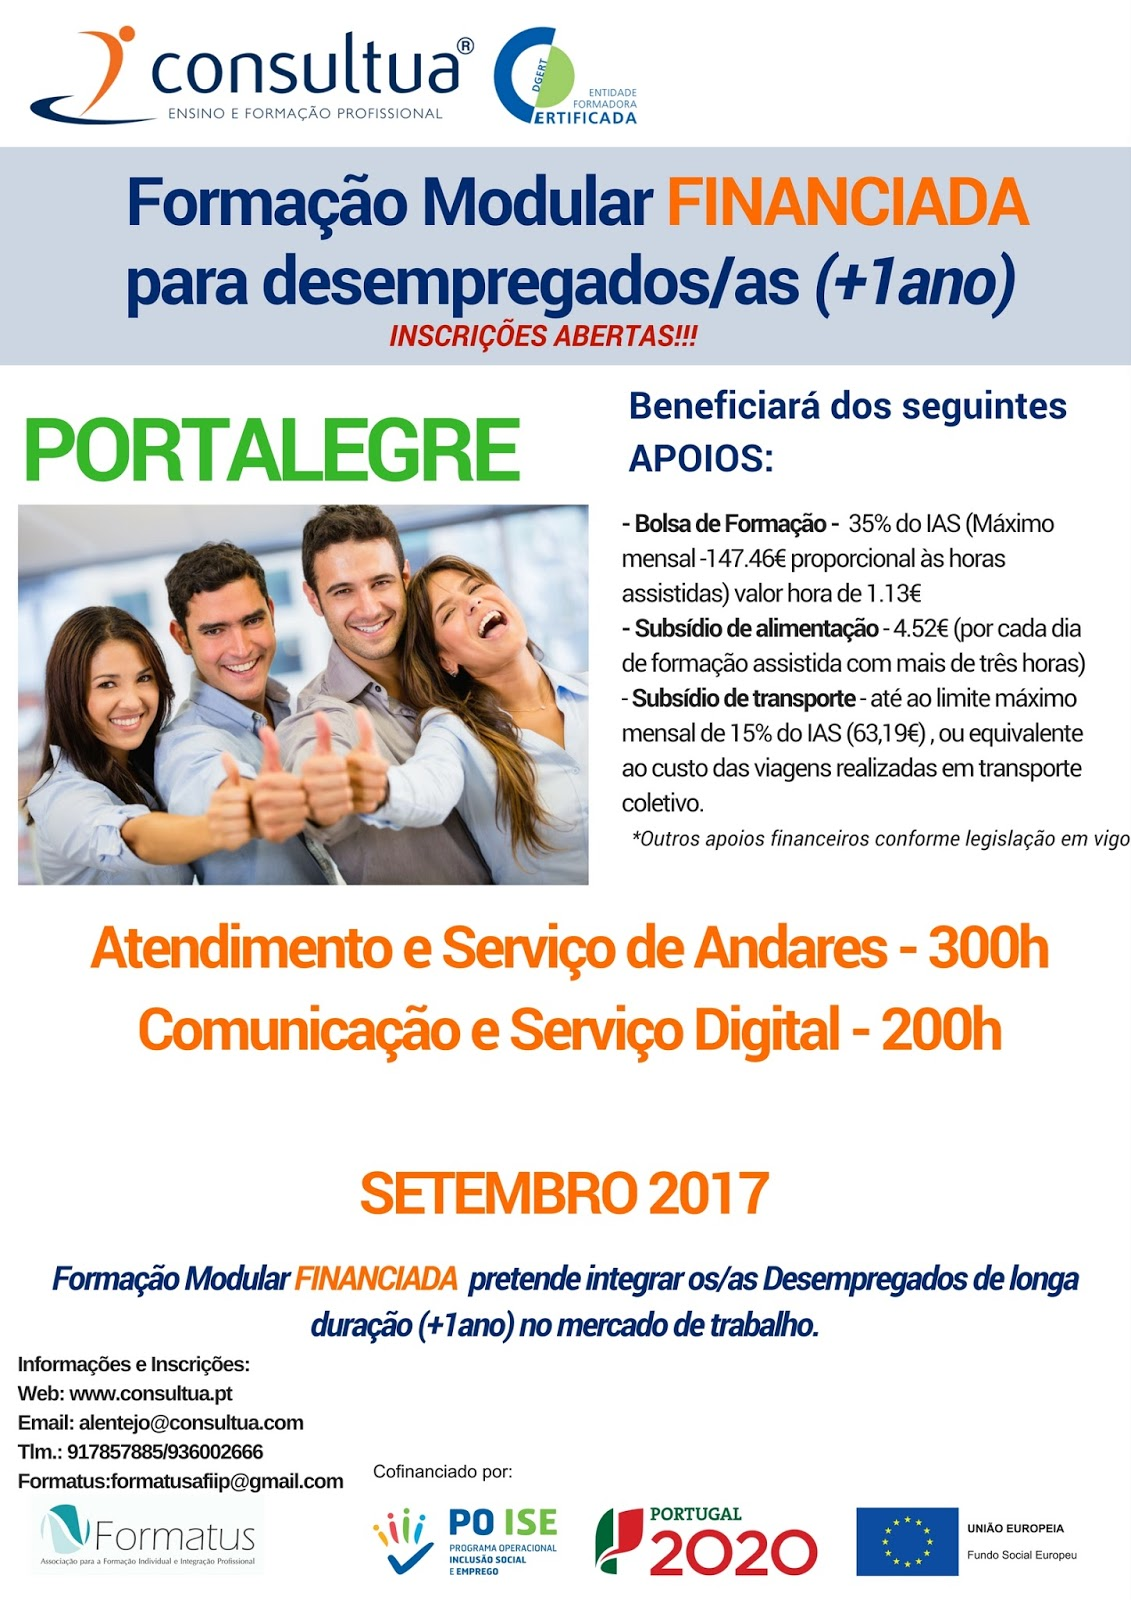 Formação Profissional Financiada para Desempregados em Portalegre